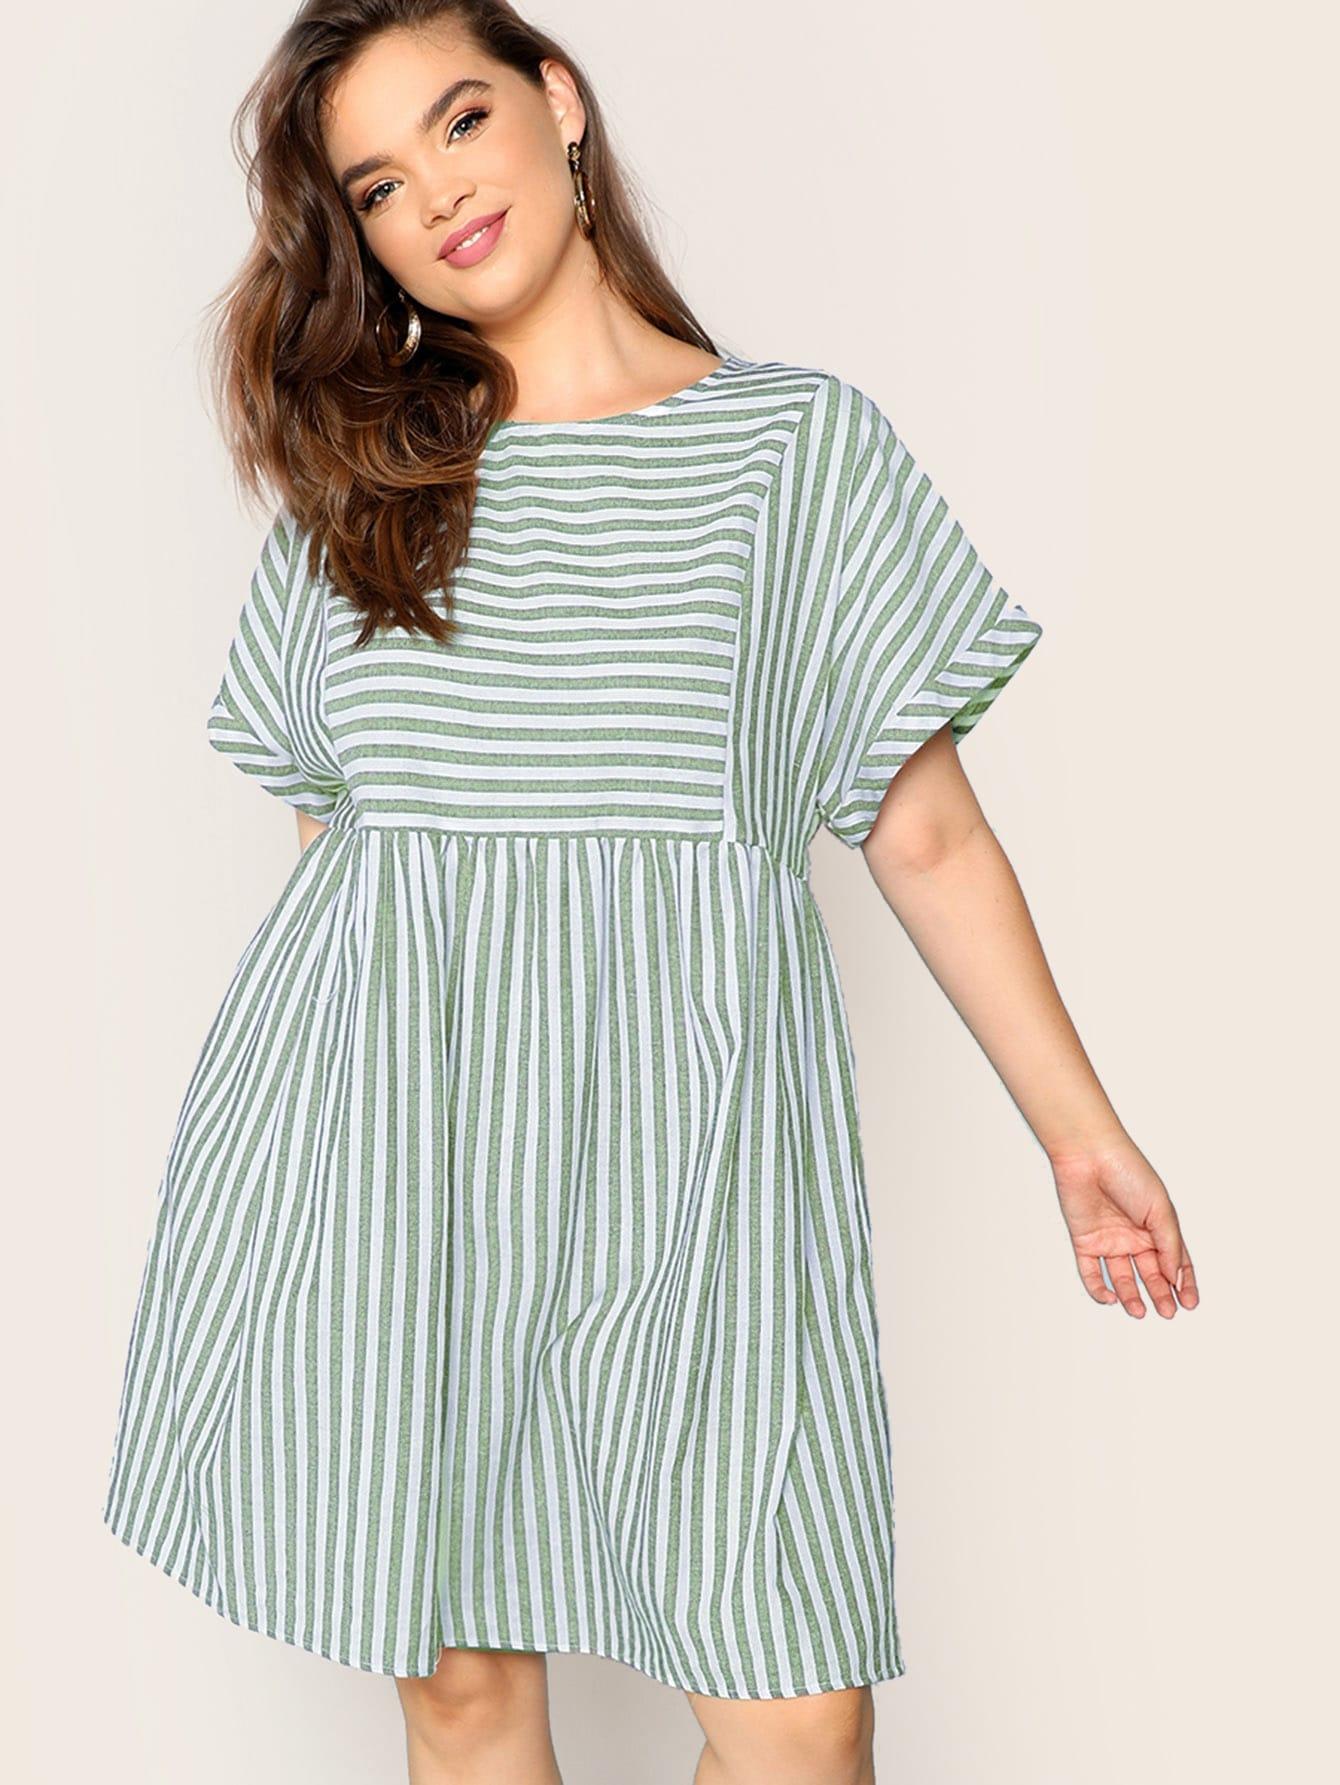 Фото - Ажуное полосатое платье размера плюс от SheIn цвет зелёные